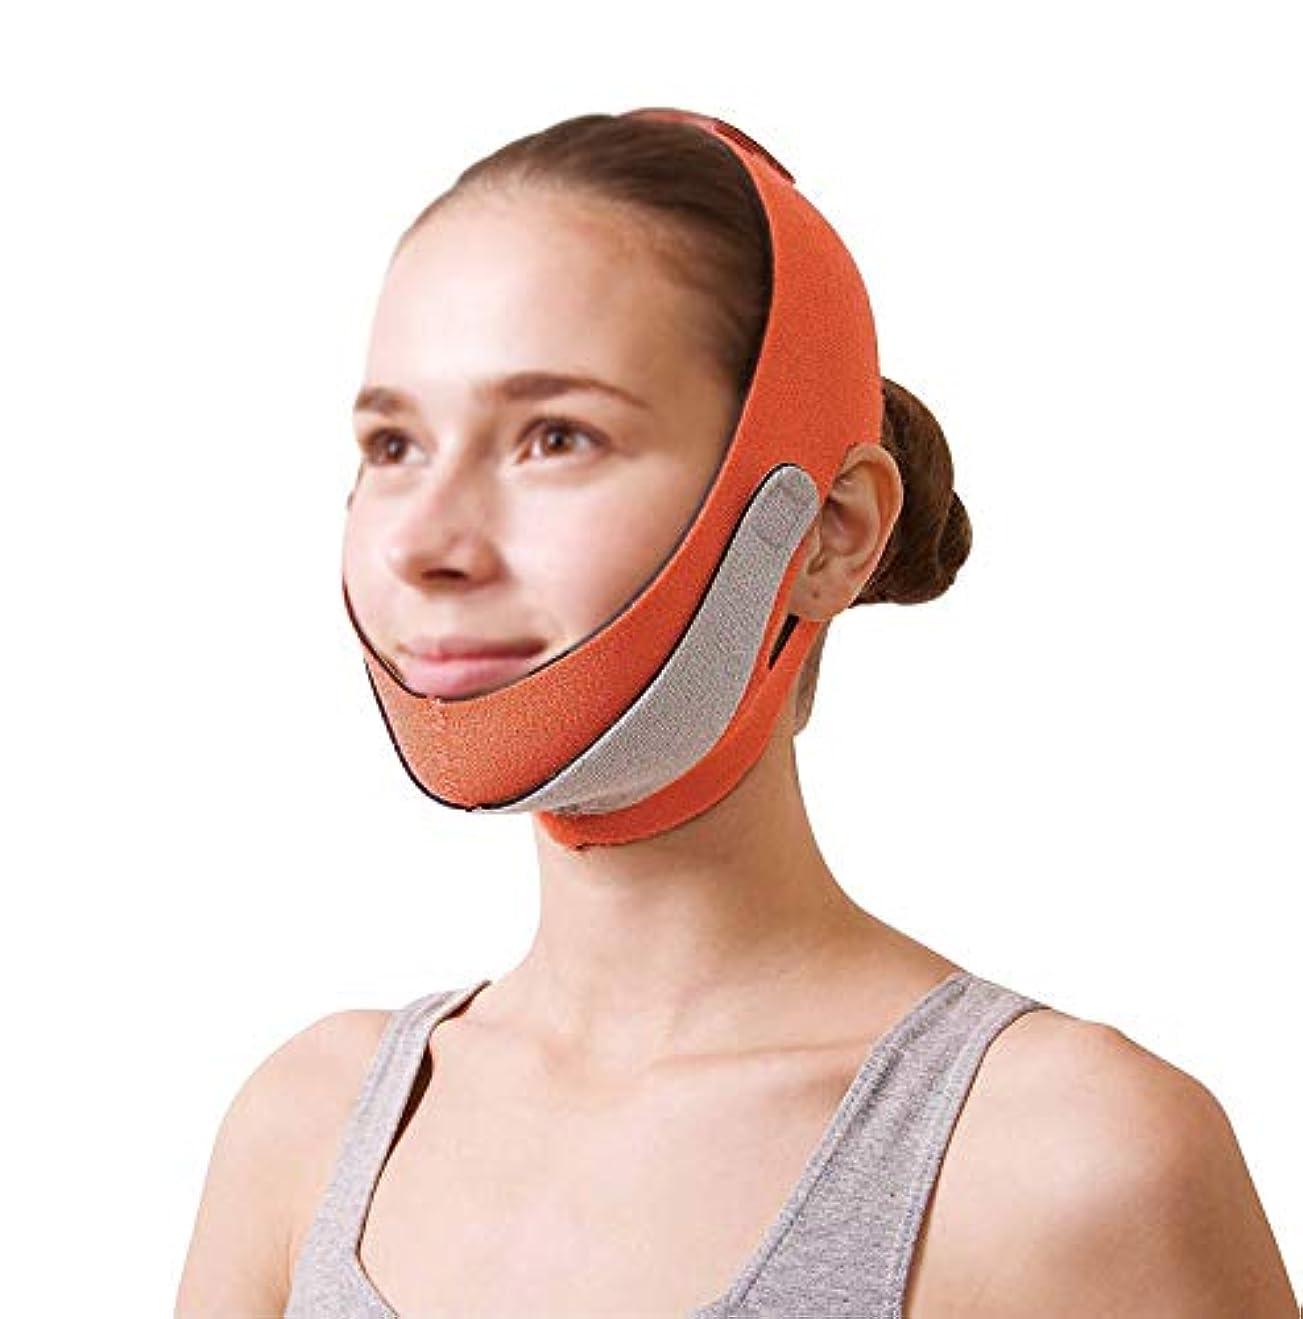 分配します主権者請求可能GLJJQMY 薄いフェイスマスクあごストラップ回復パッチ包帯ヘッドマスクフェイシャルマスクフェイシャルマスクアーティファクト美容フェイシャルとネックリフトオレンジマスク 顔用整形マスク